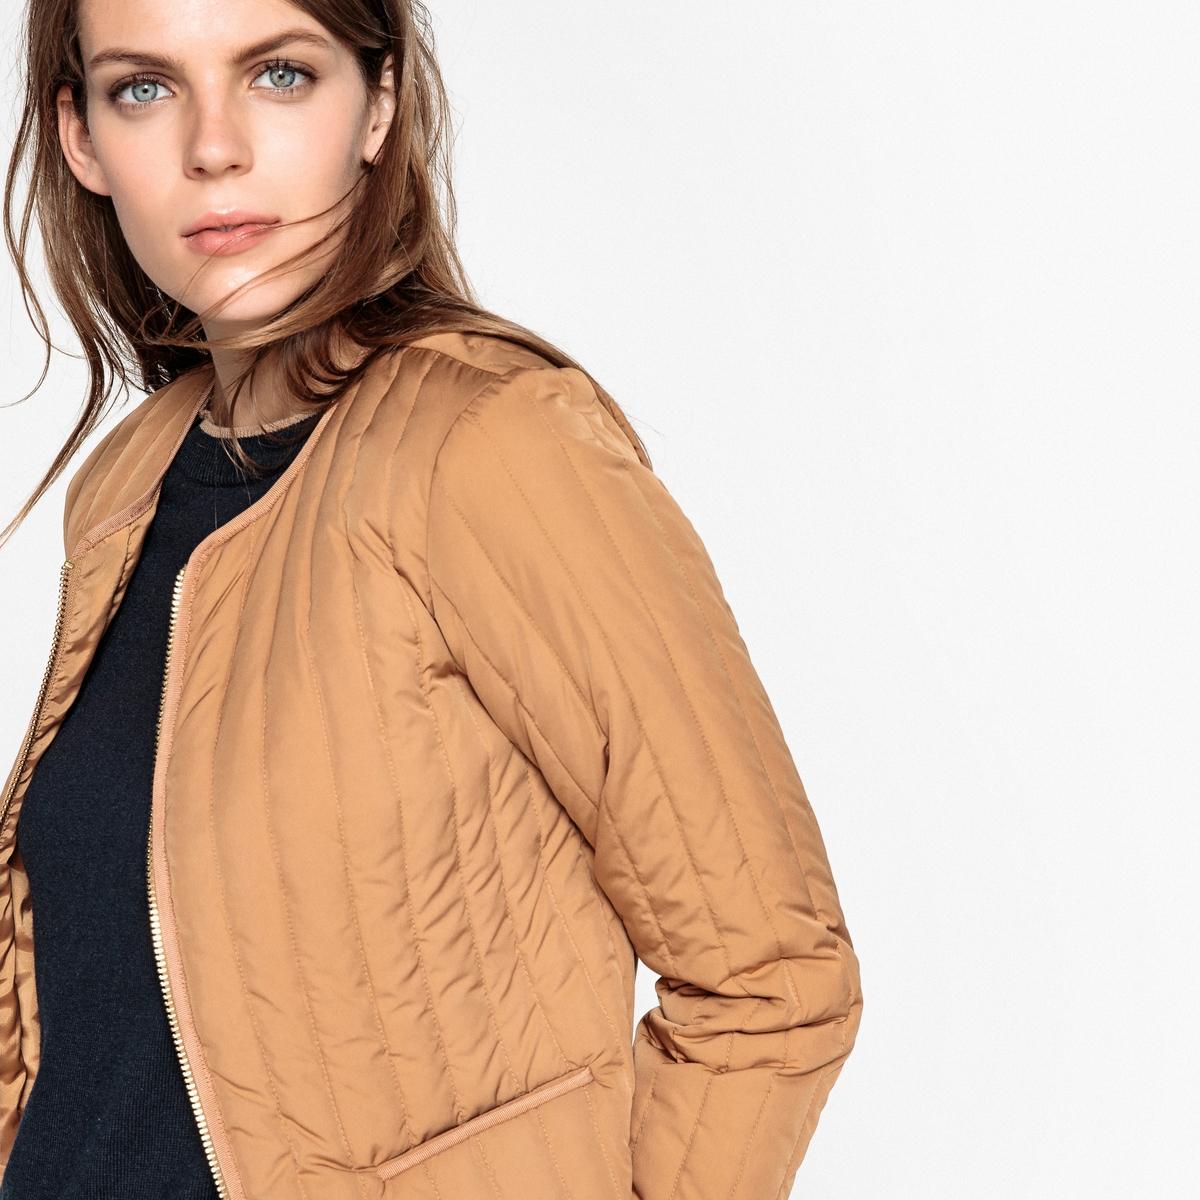 Куртка стеганая, укороченная демисезонная модель из синтетического материала